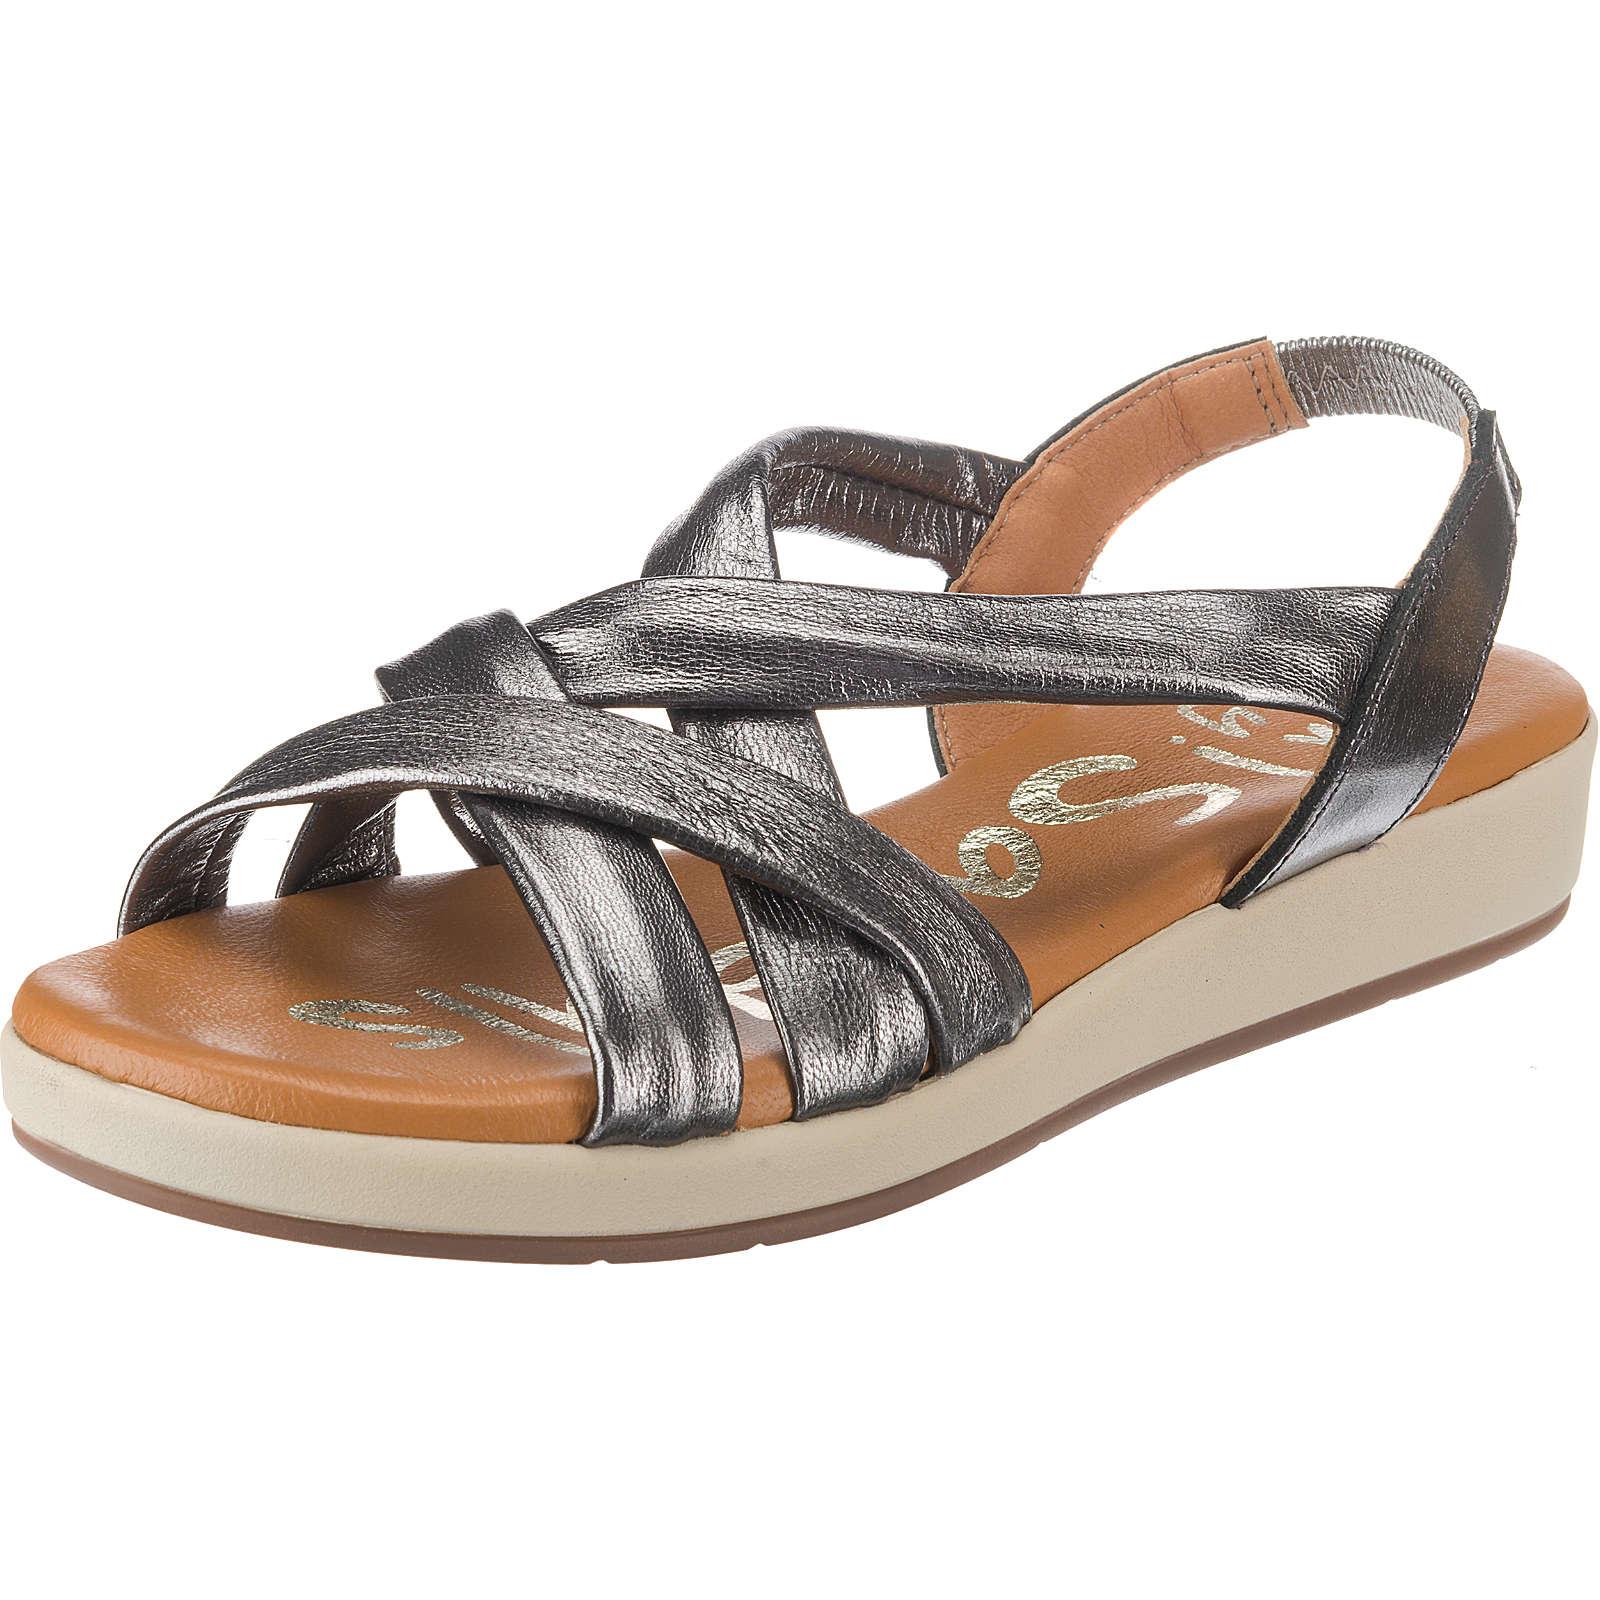 Oh! my Sandals Riemchensandalen silber Damen Gr. 38